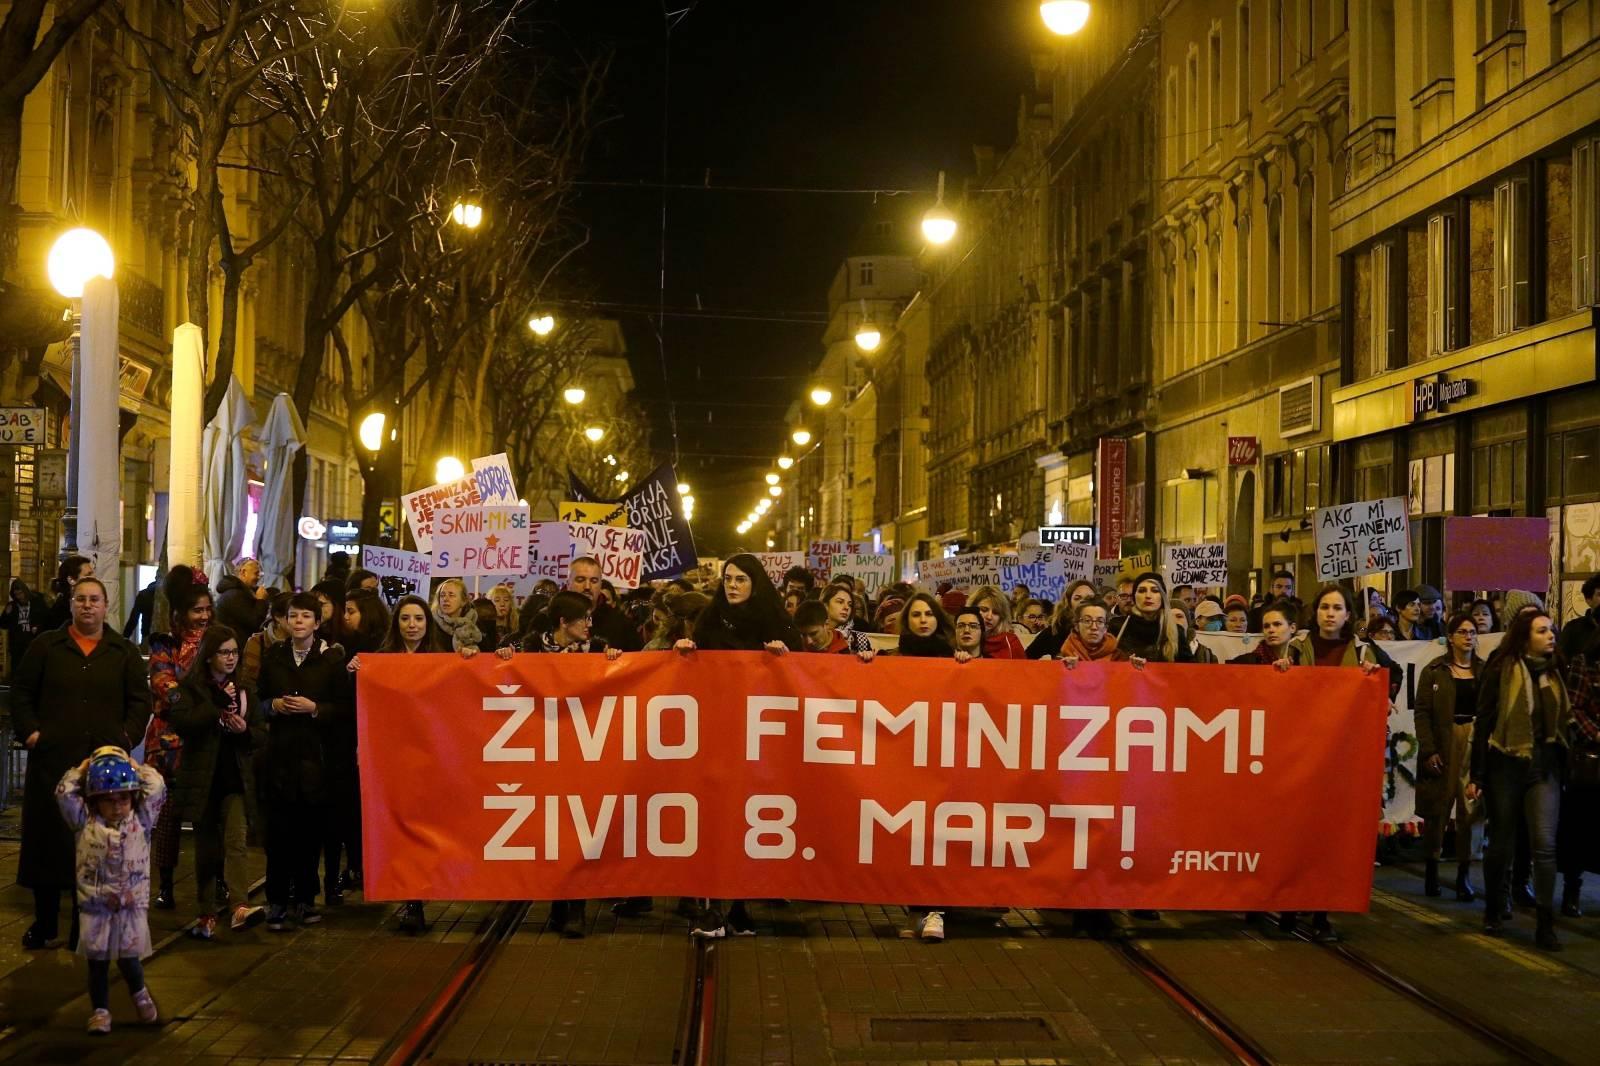 """Zagreb: """"Noćni marš - 8. mart"""" u organizaciji feminističkog kolektiva fAKTIV"""